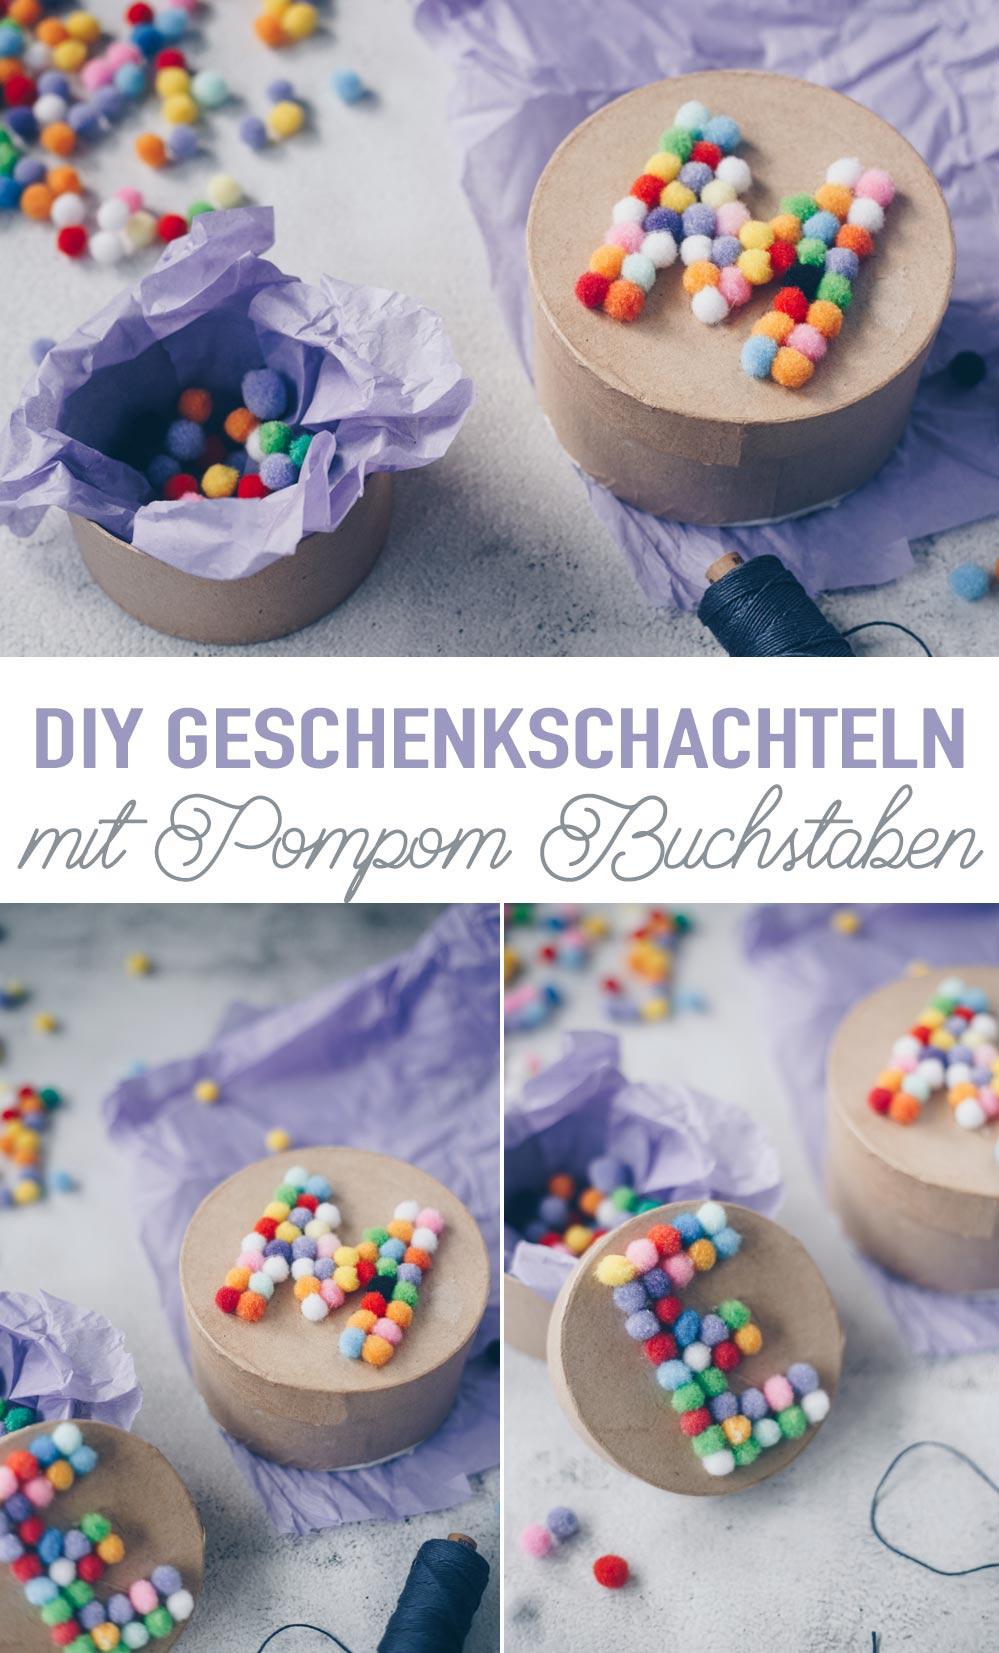 DIY Verpackungsidee - Geschenkschachteln mit Pompom Buchstaben selbermachen Monogram